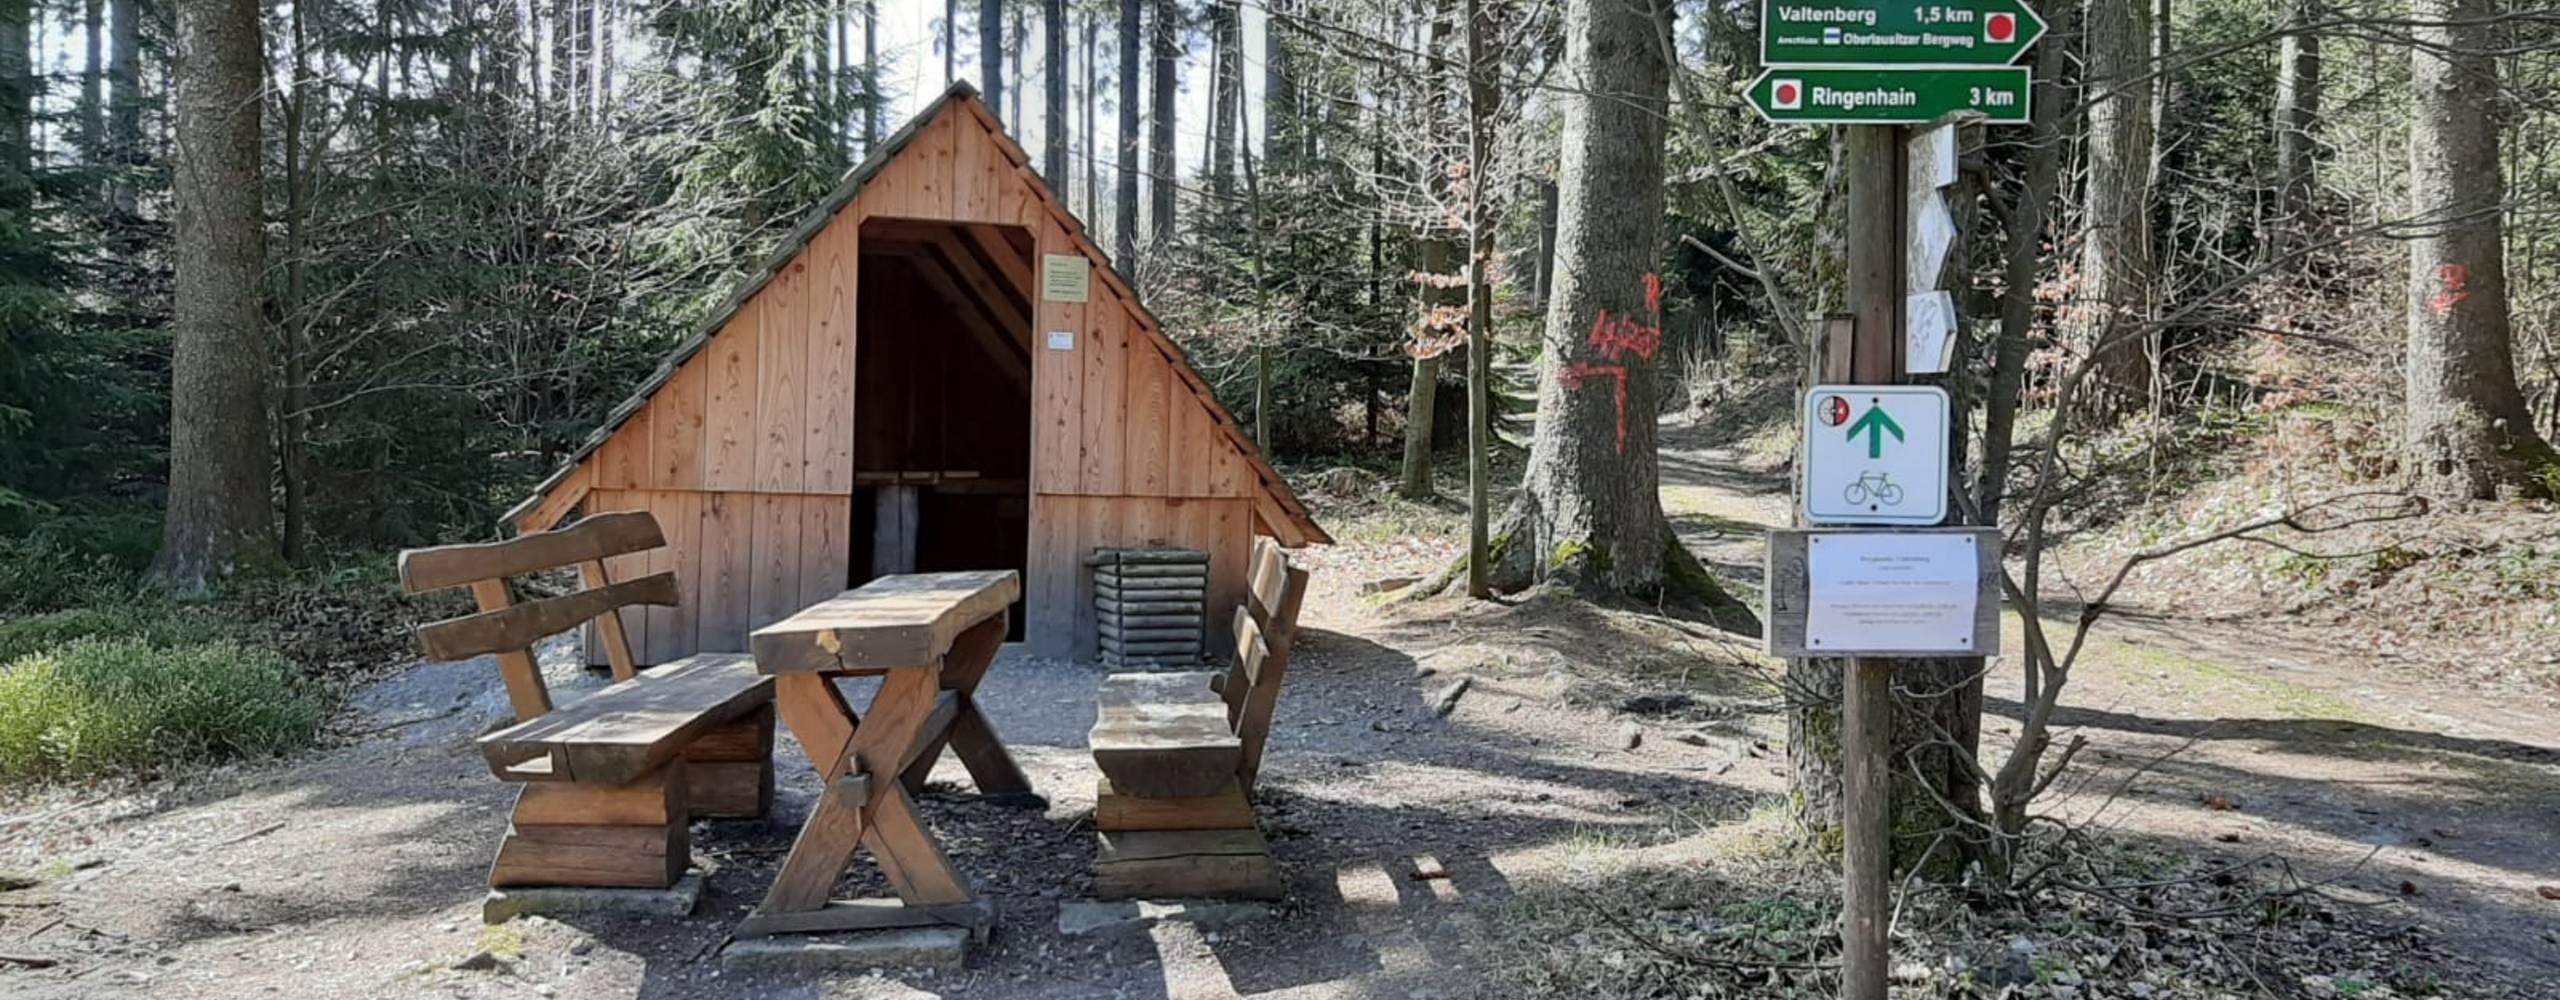 schutzhütte 2 ©Schutzhütte auf dem Weg zum Valtenberg Foto: Gemeindeverwaltung Neukirch/Lausitz